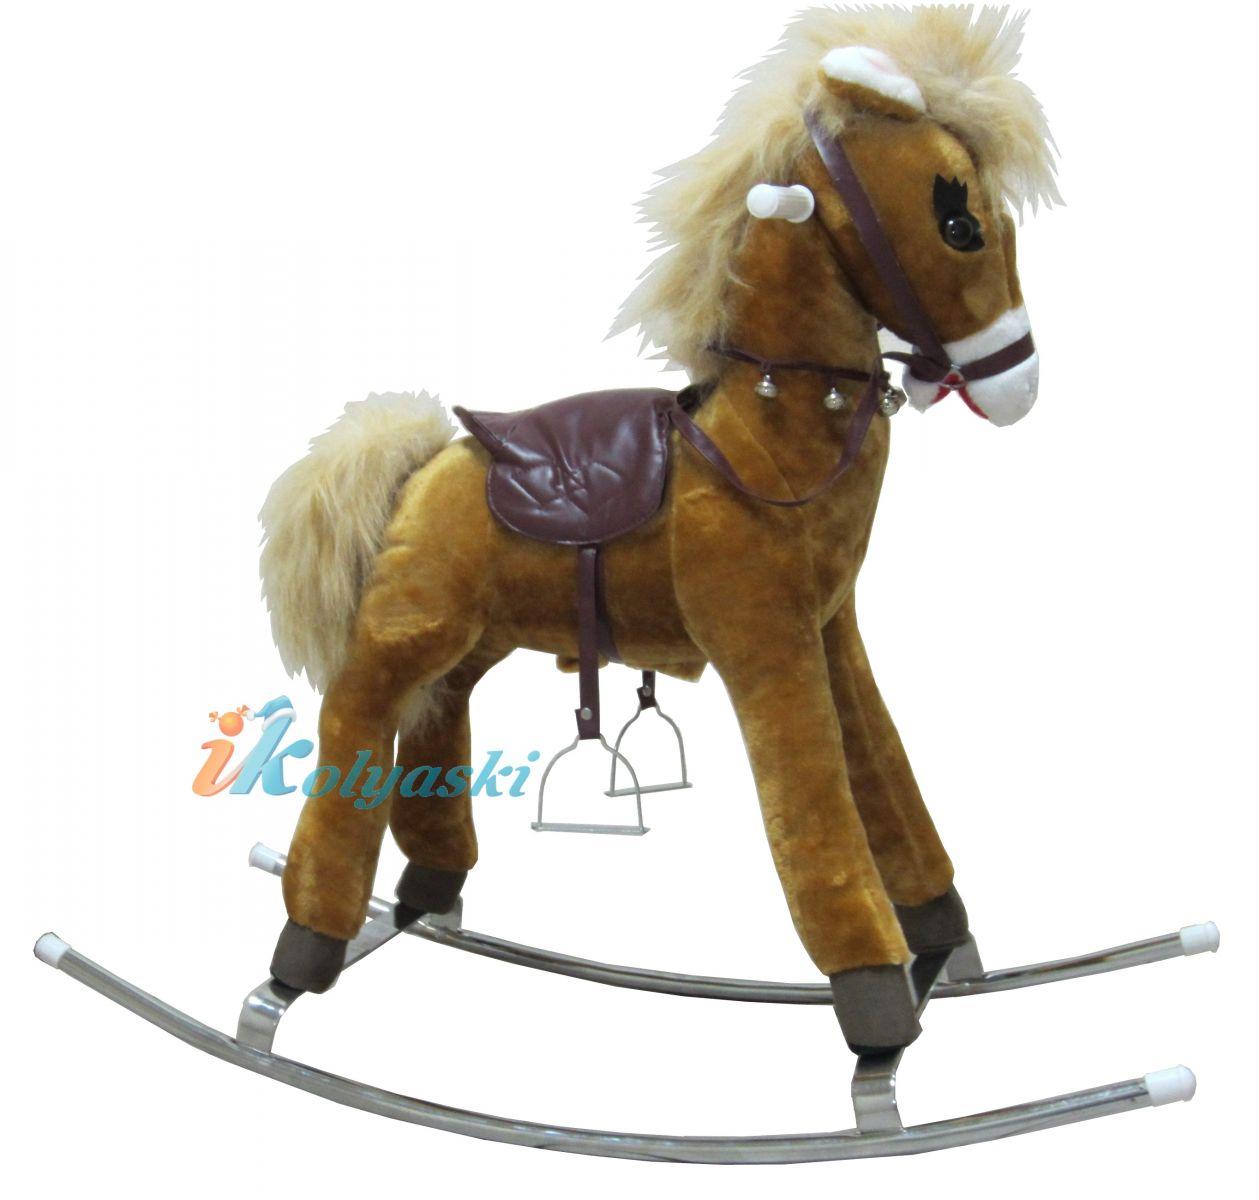 Детская лошадка-качалка Каурая рыже-саврасая, с гипоаллергенным мехом, металлическая качалка, озвученная, на батарейках, модель Любимка